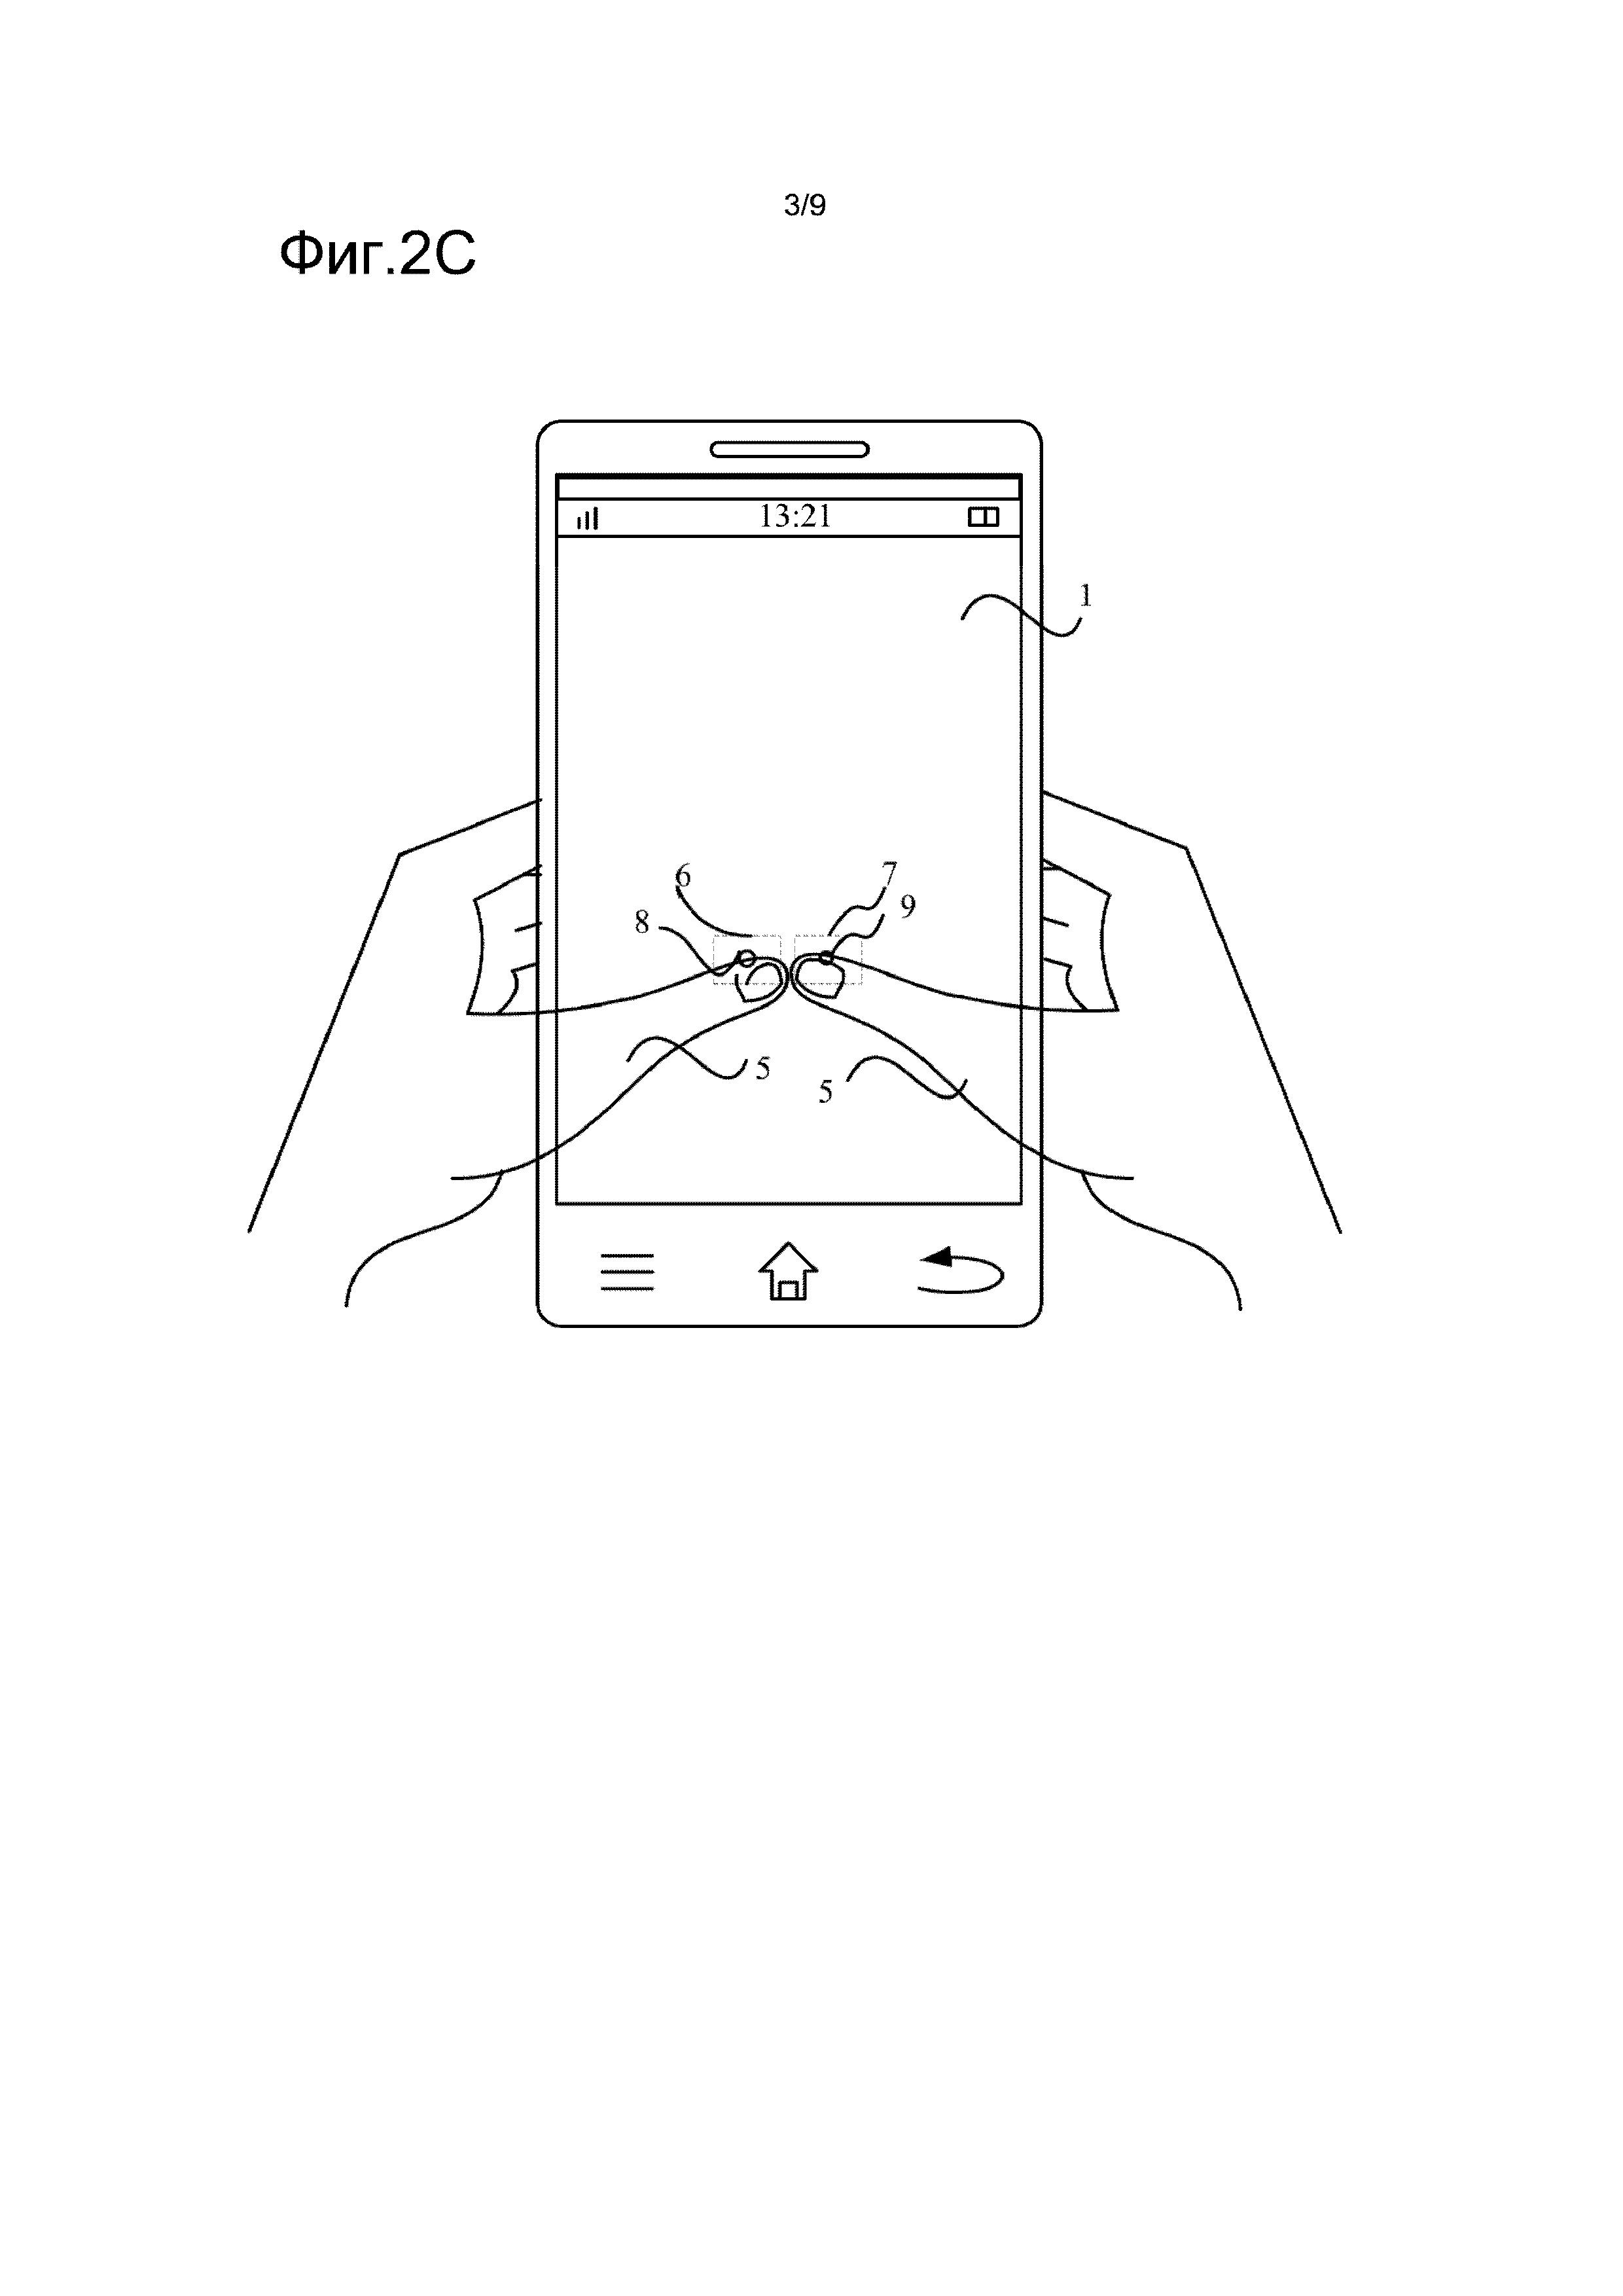 Способ и устройство для распознавания жестов